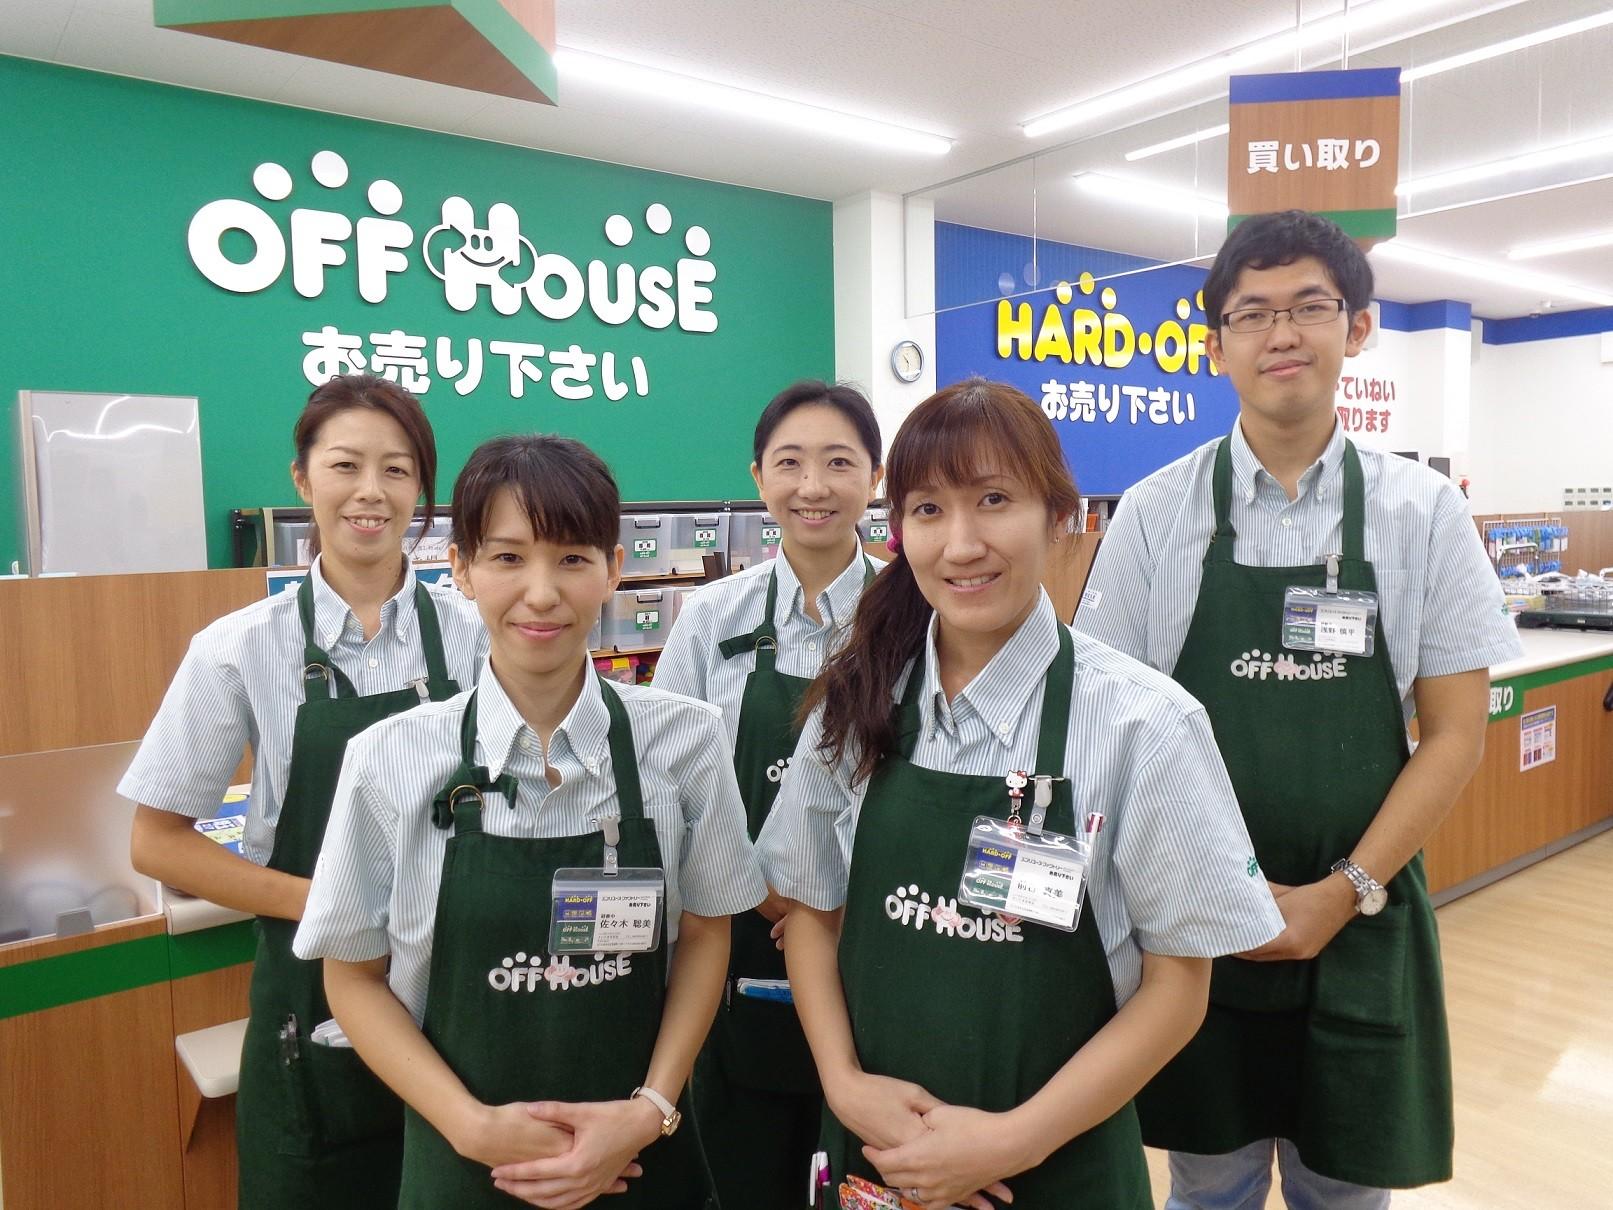 オフハウス 野田桜台店 のアルバイト情報